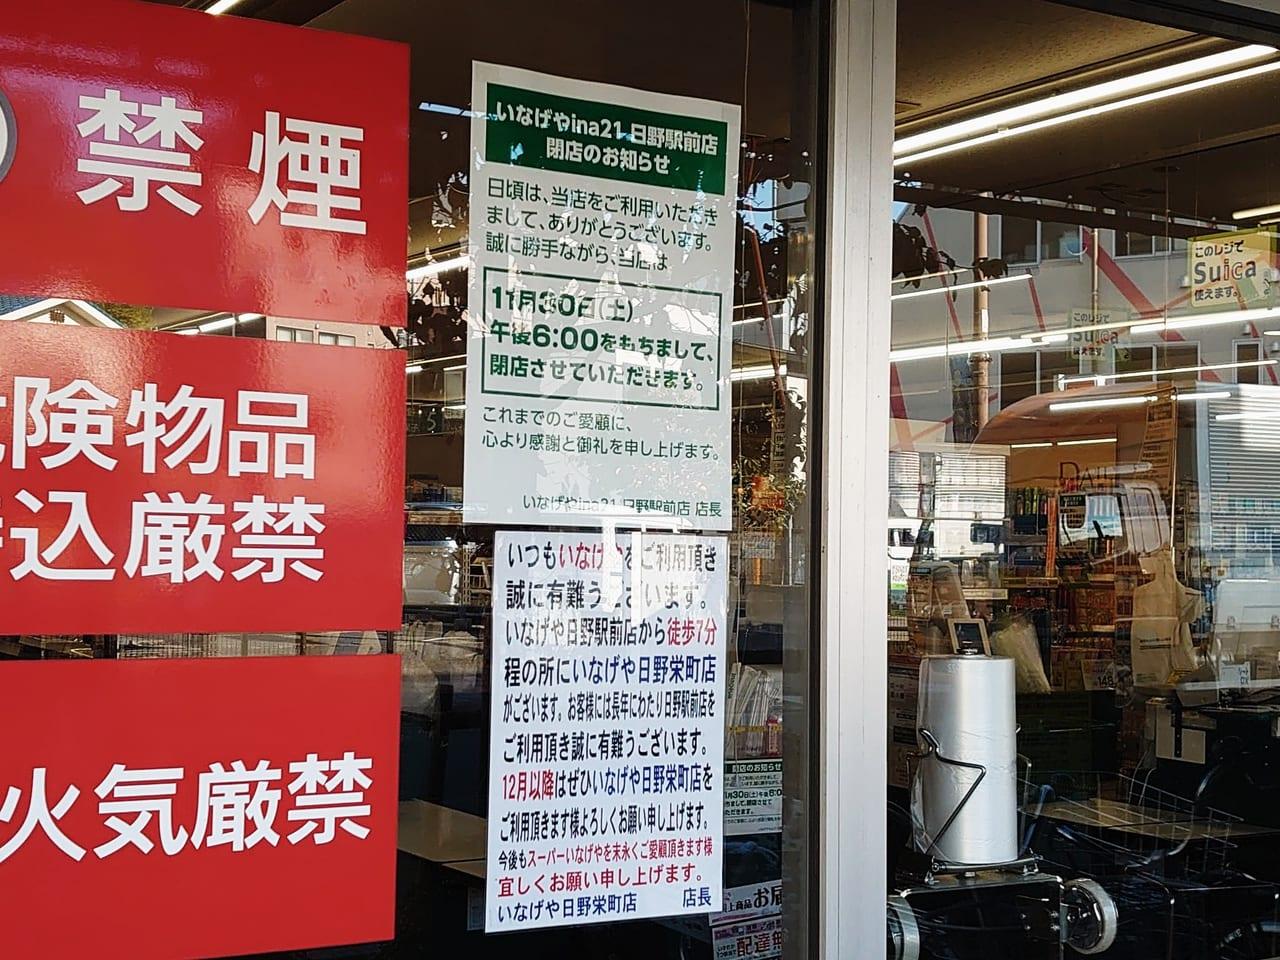 いなげやina21日野駅前店が2019年11月30日に閉店するお知らせ